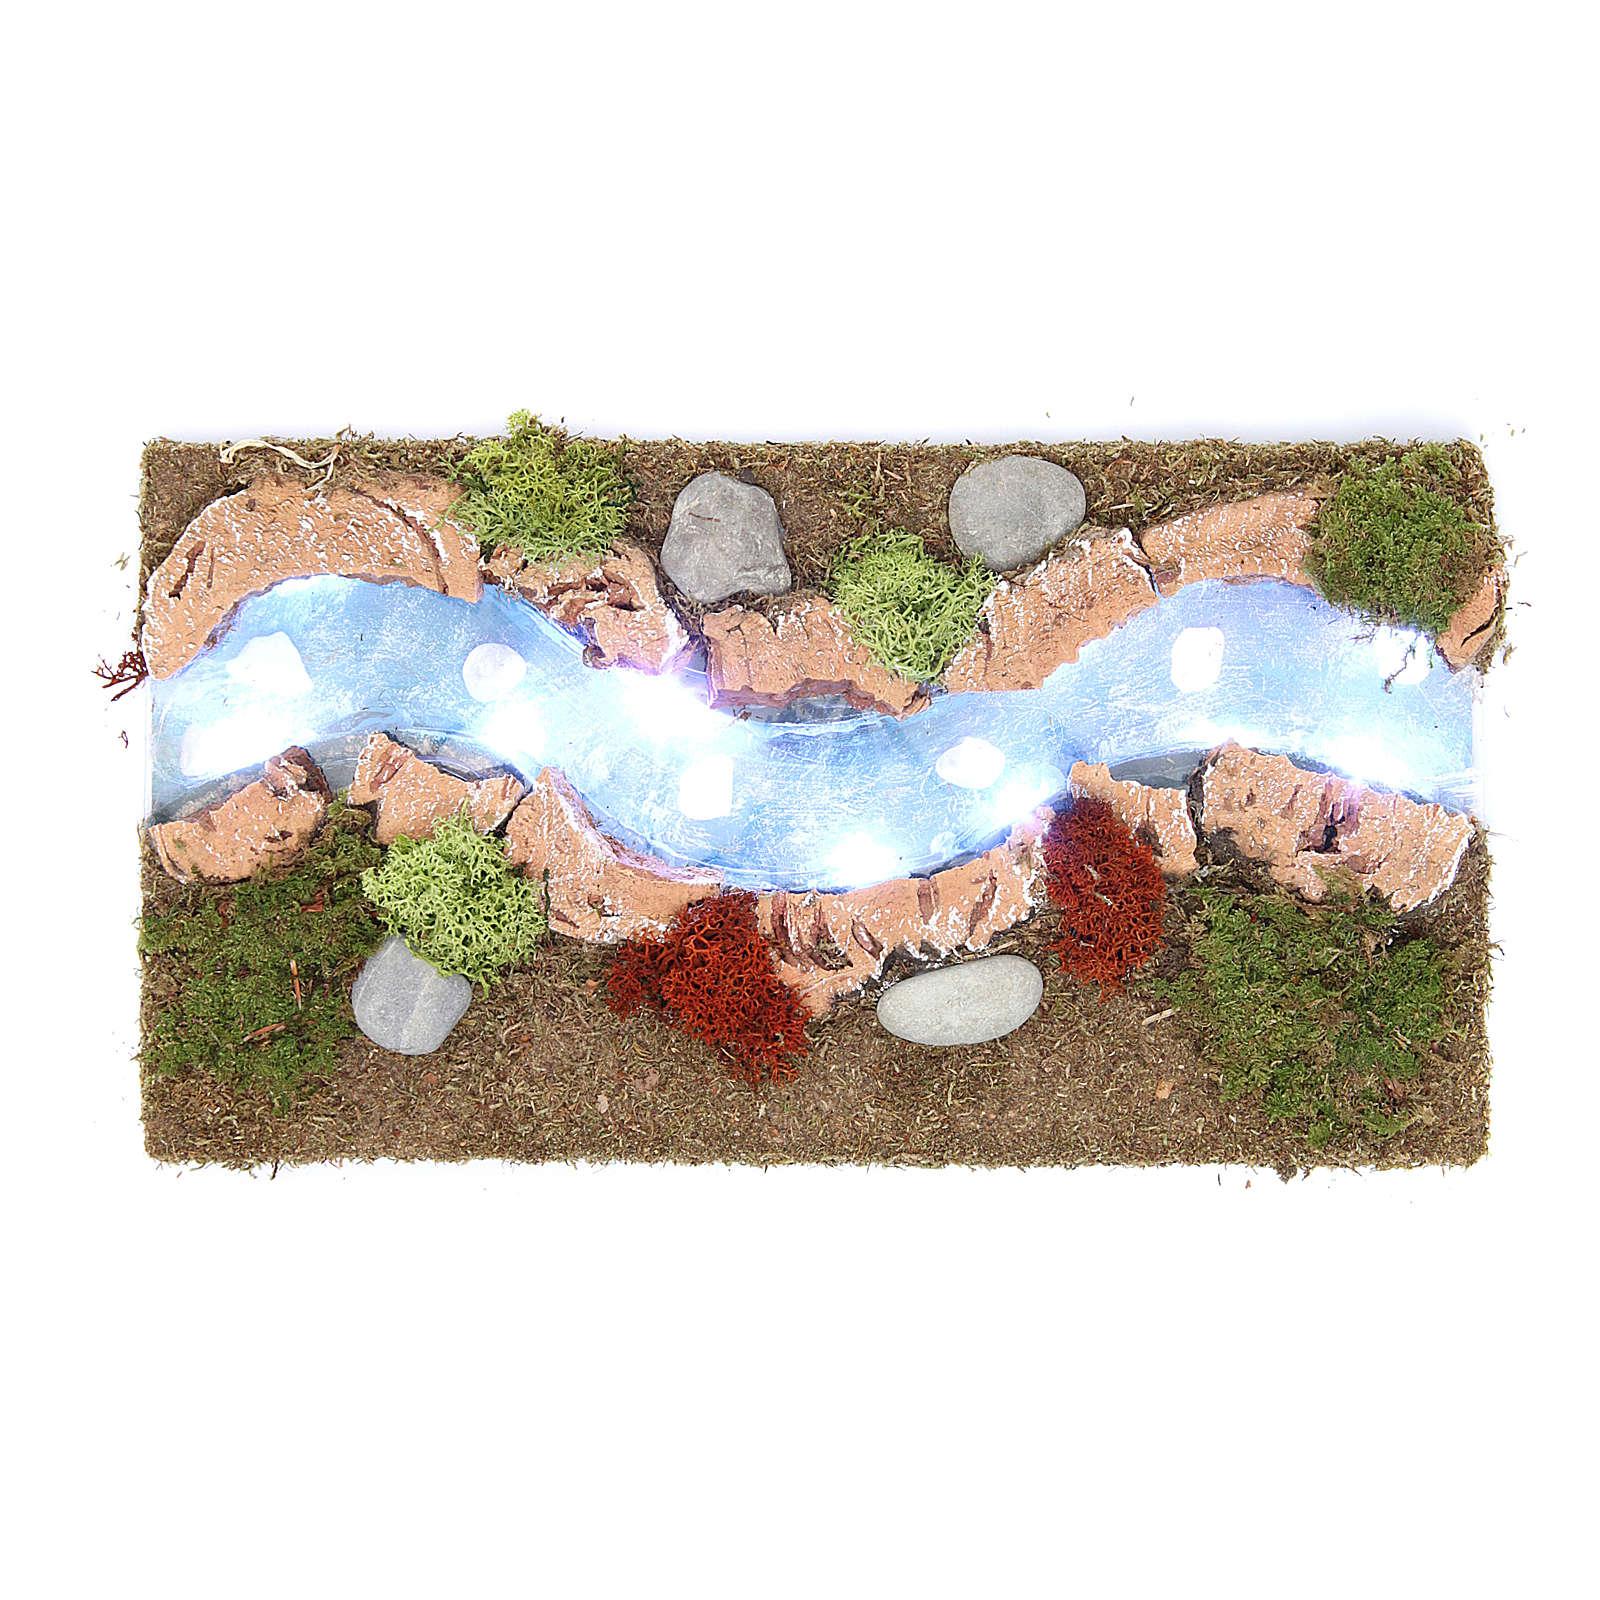 Rapide fiume luminoso e albero 30x20 cm 4